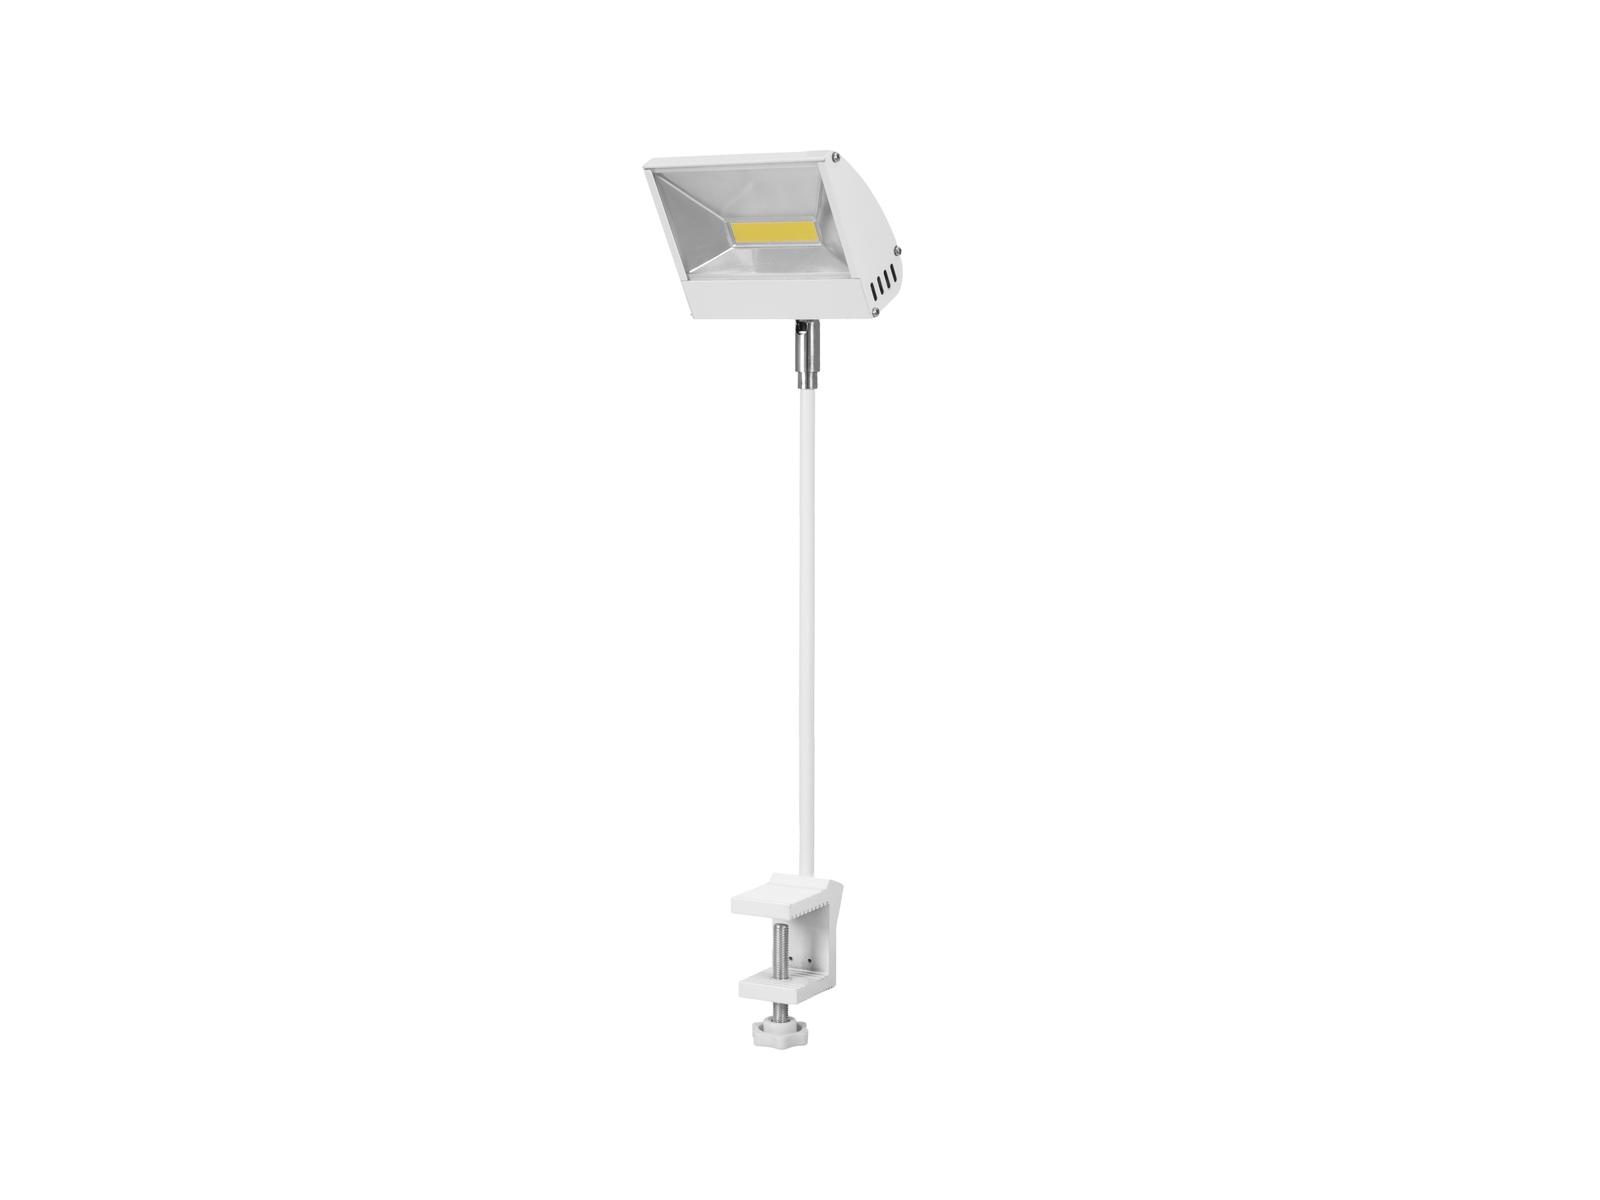 eurolite-led-kkl-30-fluter-4100k-weiay